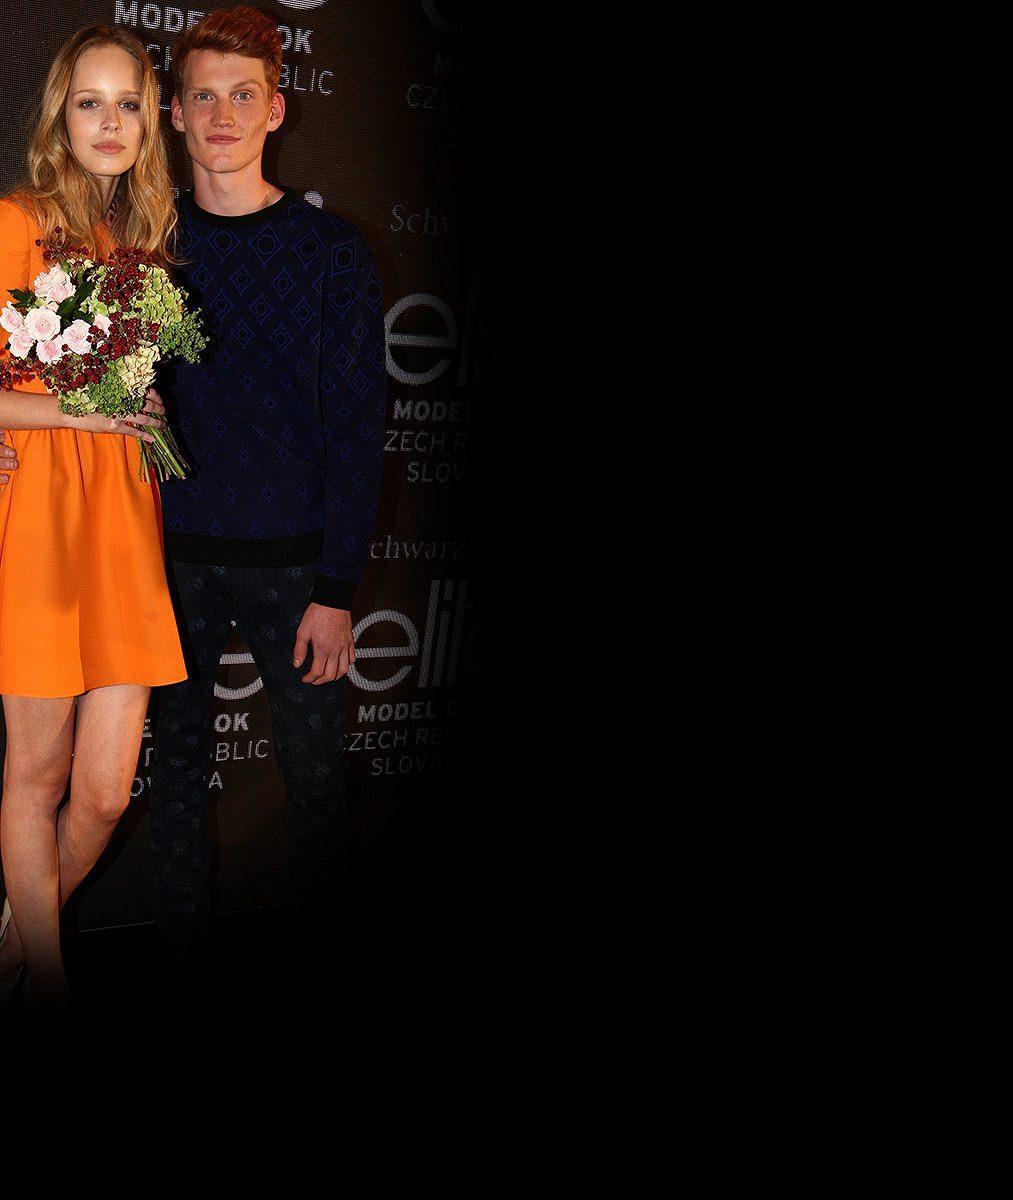 Nová kometa na světovém módním nebi. Osmnáctiletou Češku obdivovaly v Paříži hollywoodské kapacity